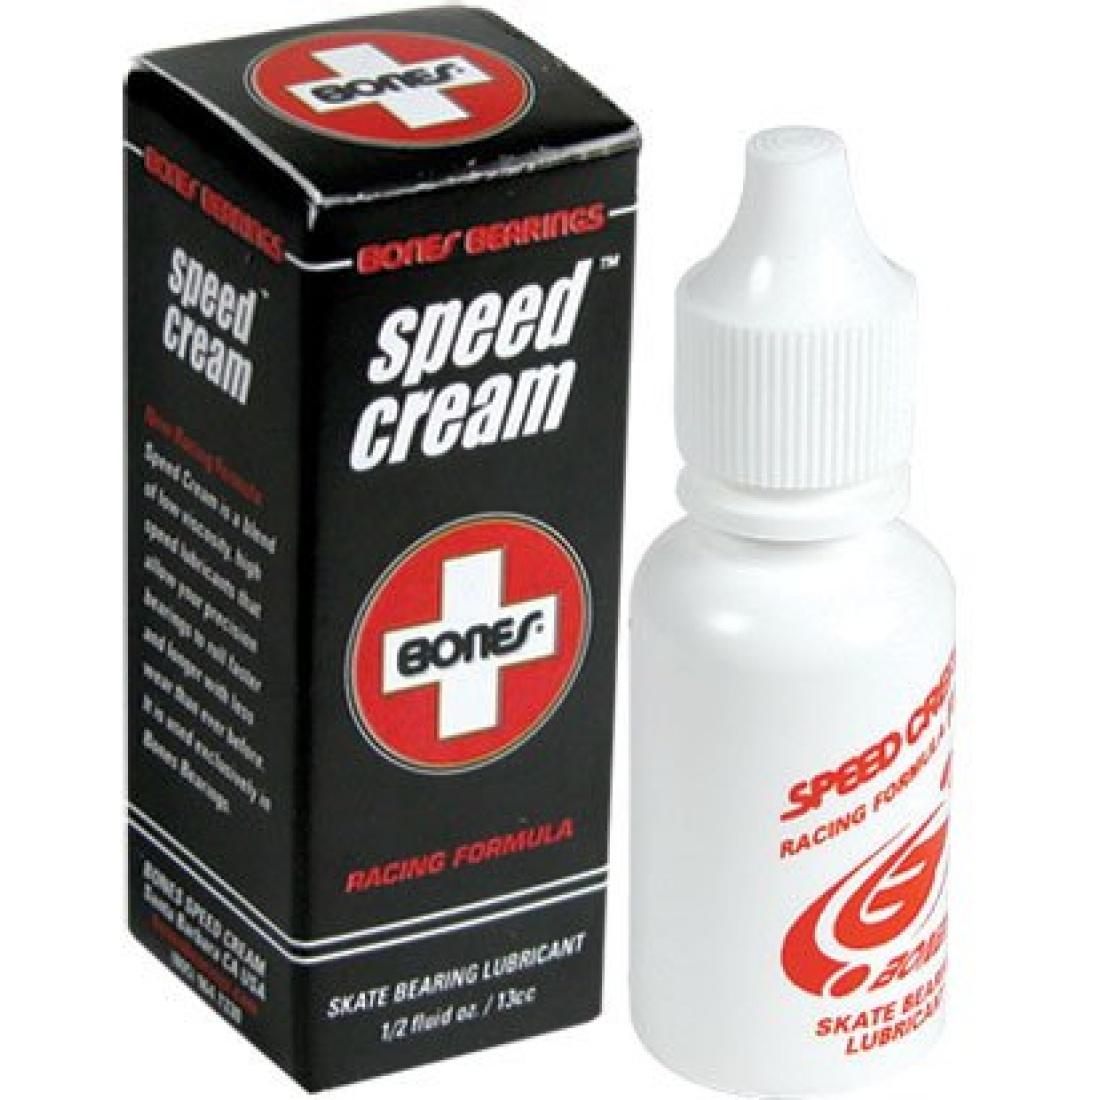 Bones Speed Cream 1/2 Oz